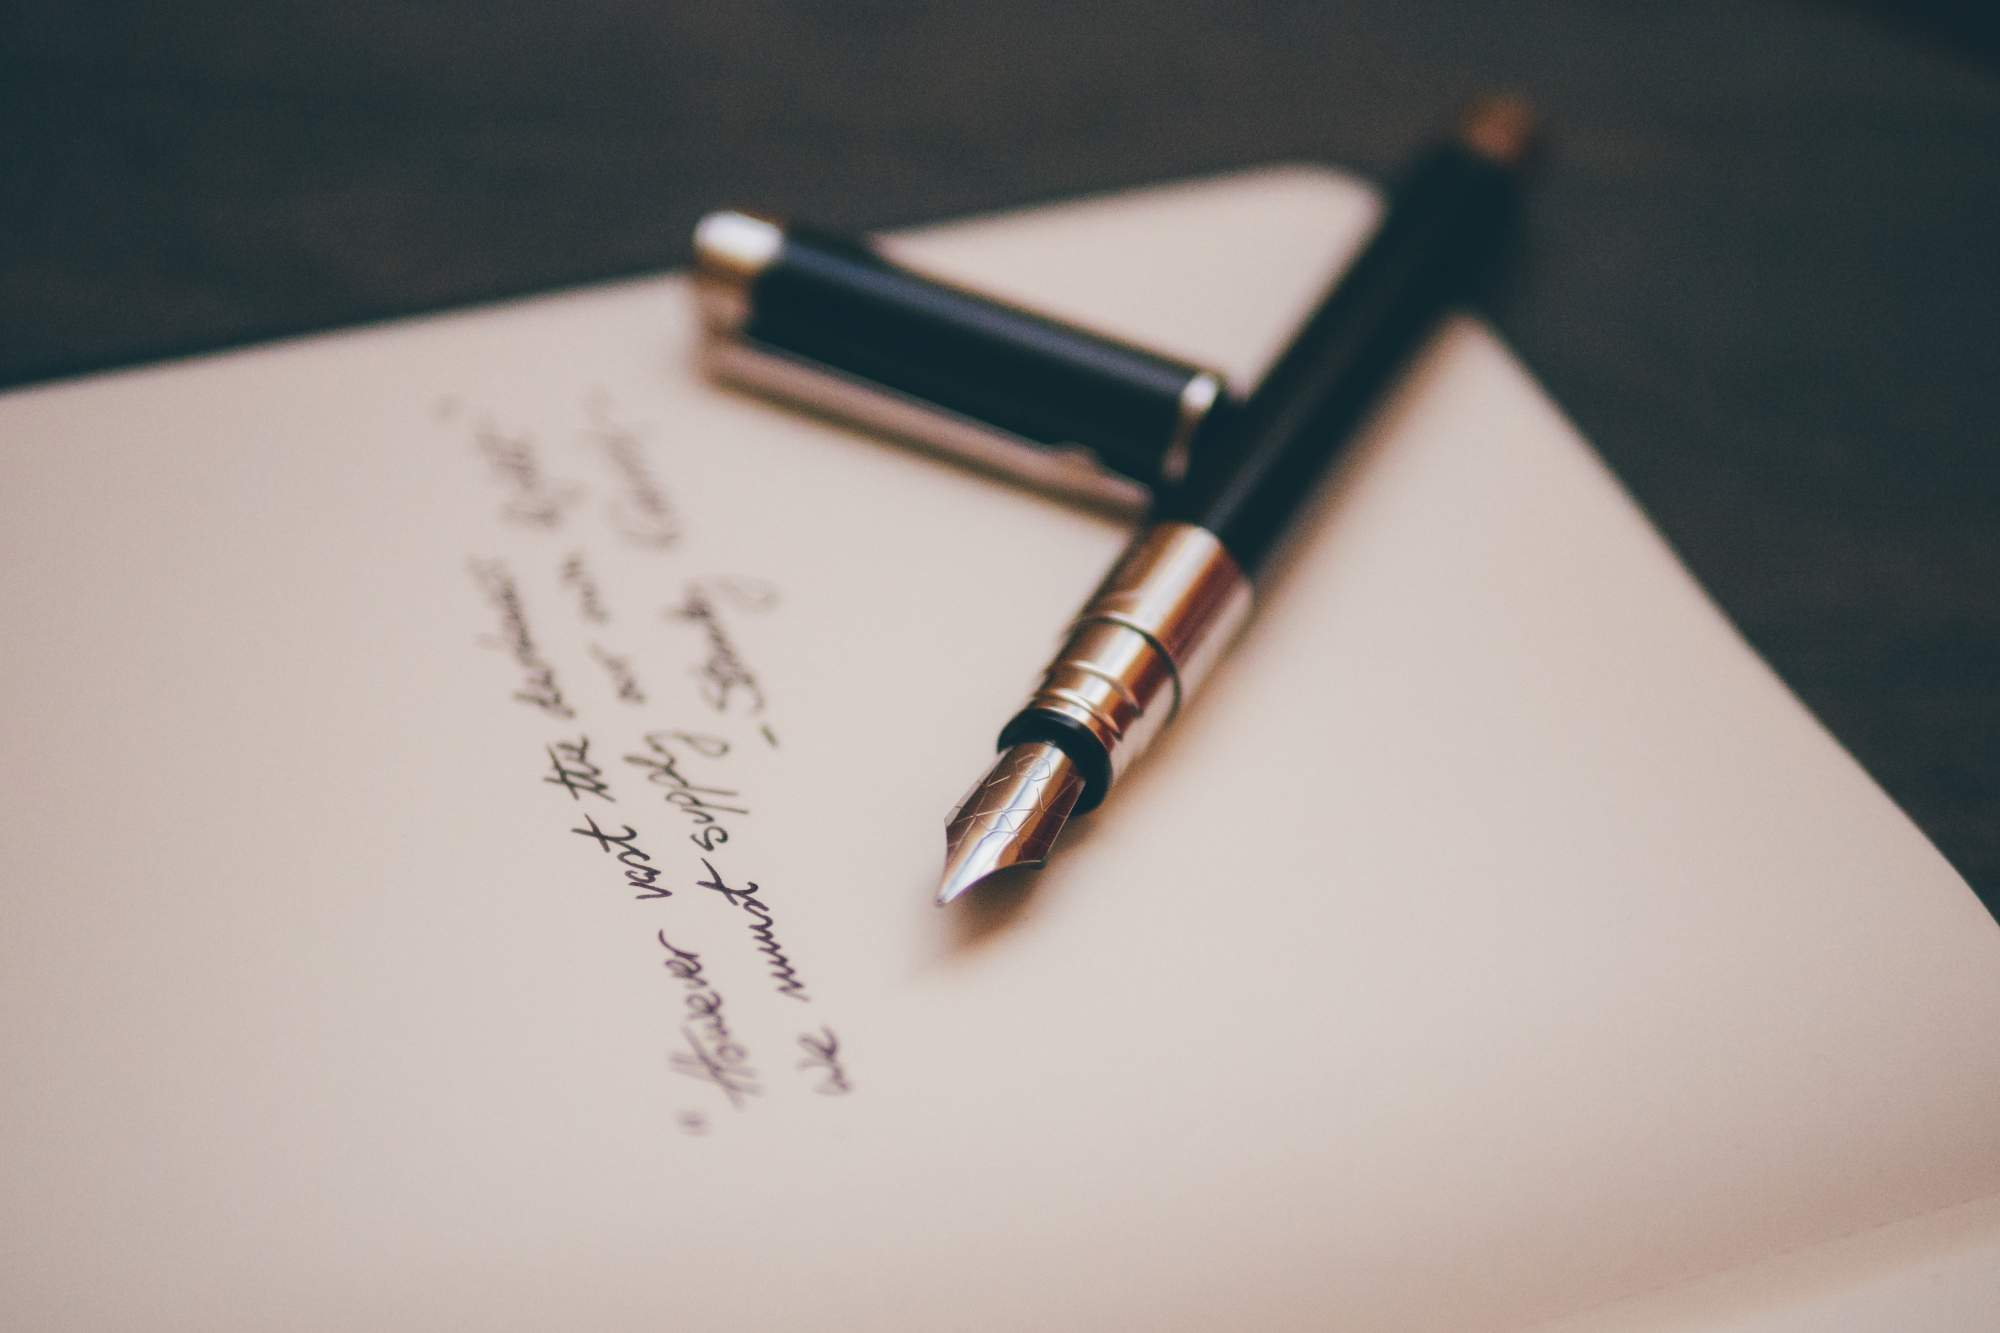 Hintergrundbild Stift und Papier